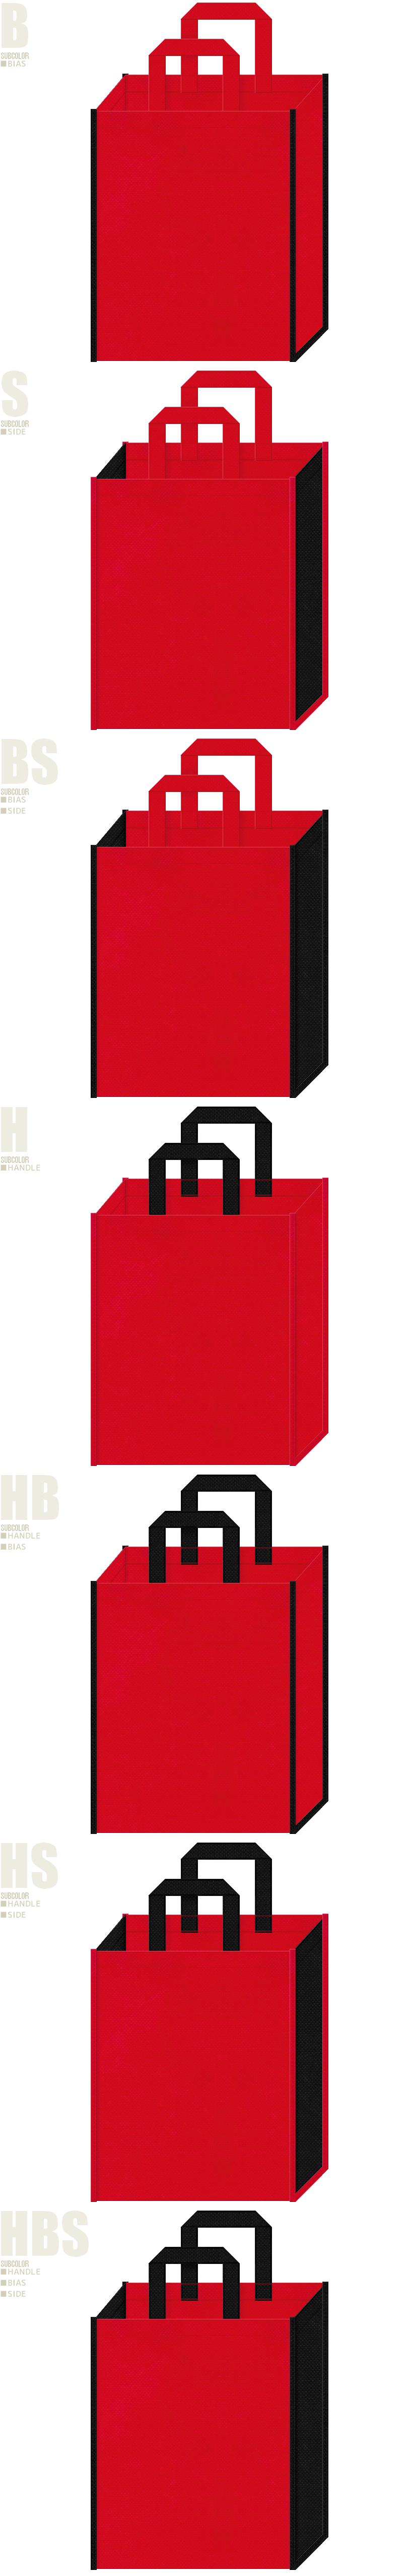 不織布トートバッグのデザイン:スポーツイベントにお奨めの配色です。